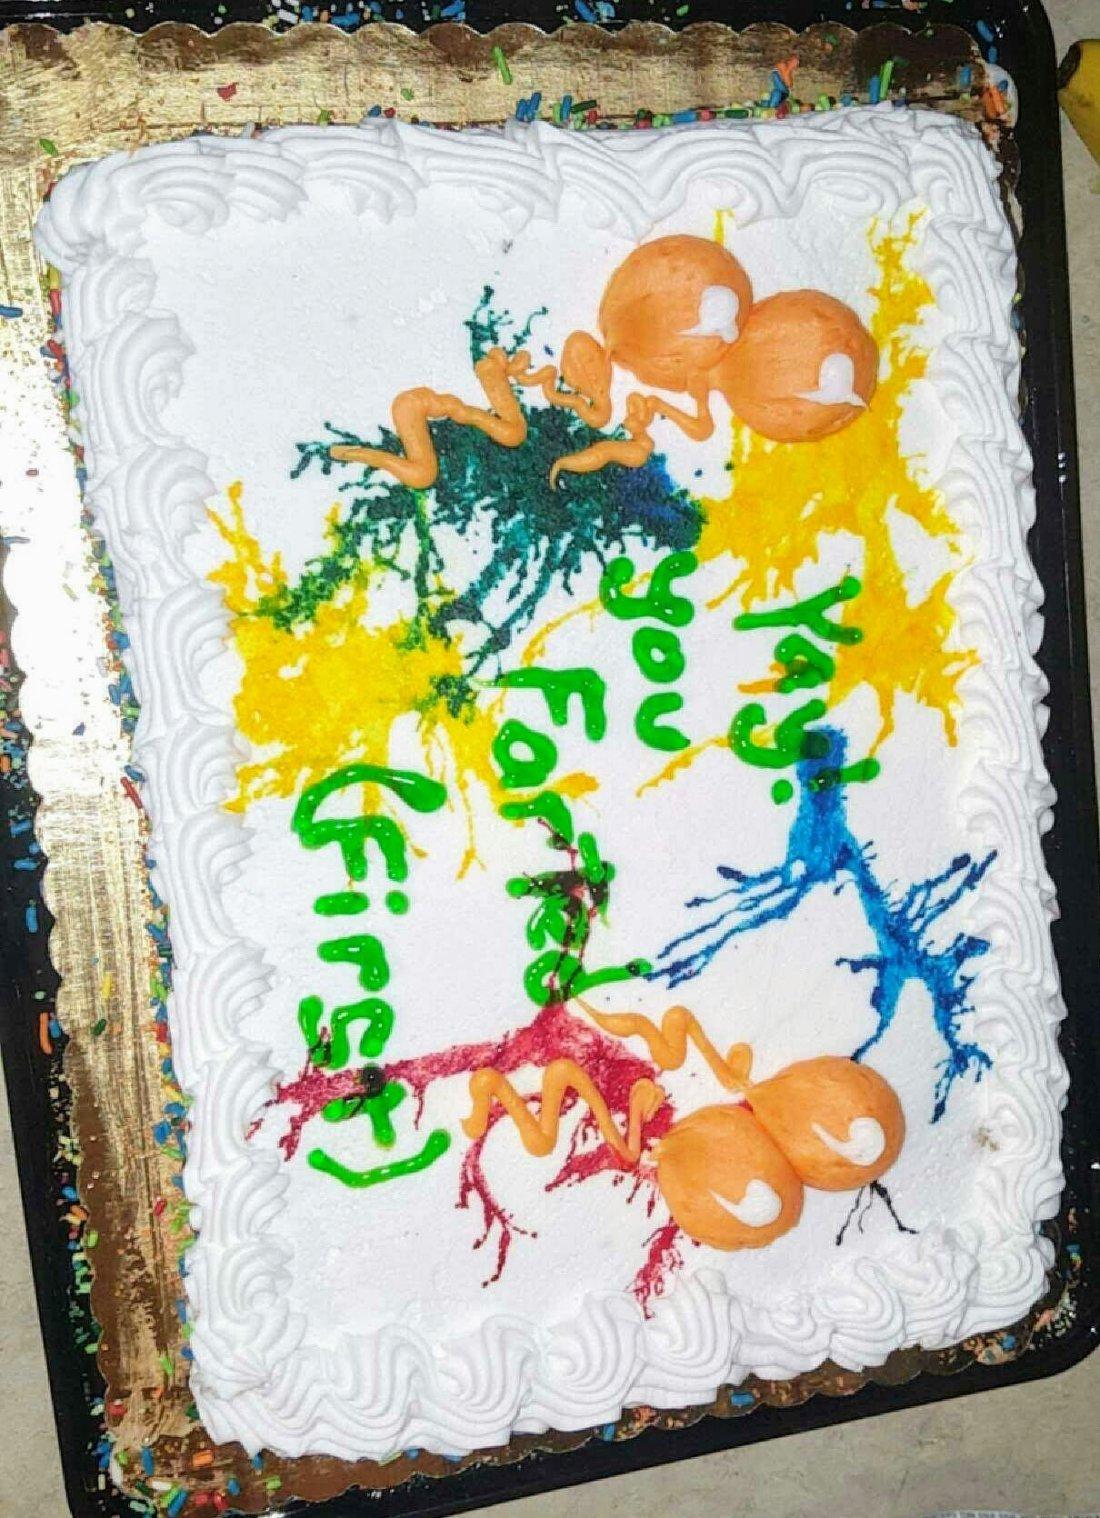 Fart cake full